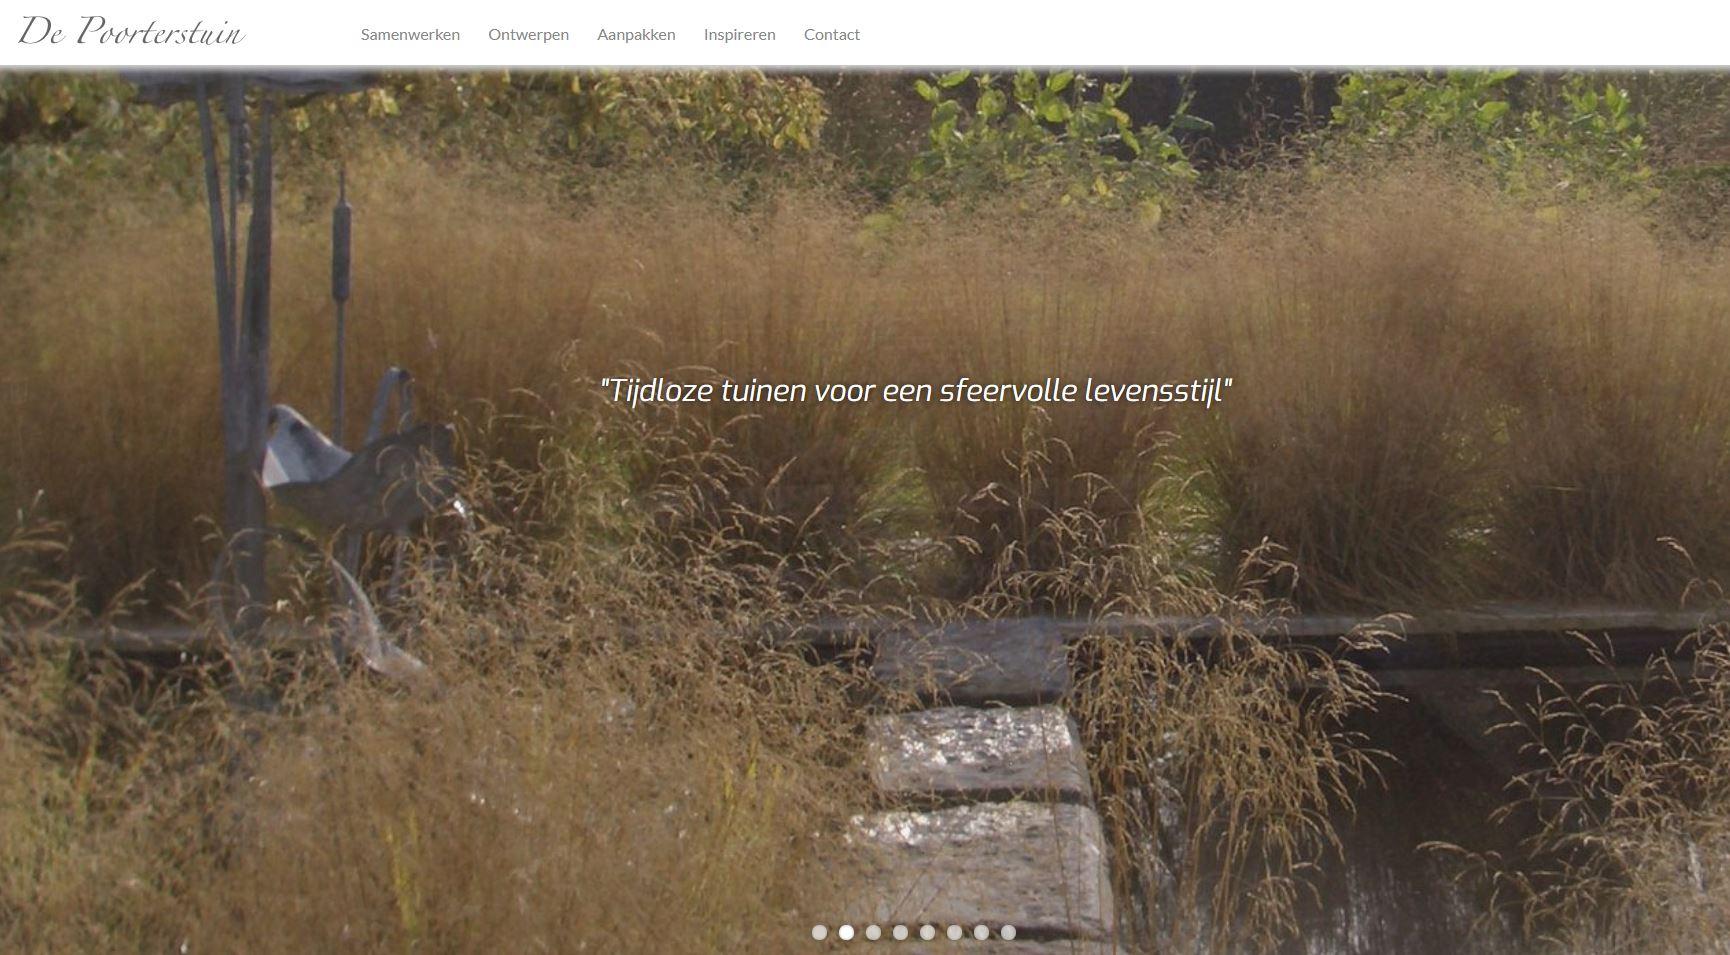 de poorterstuin in Buggenhout